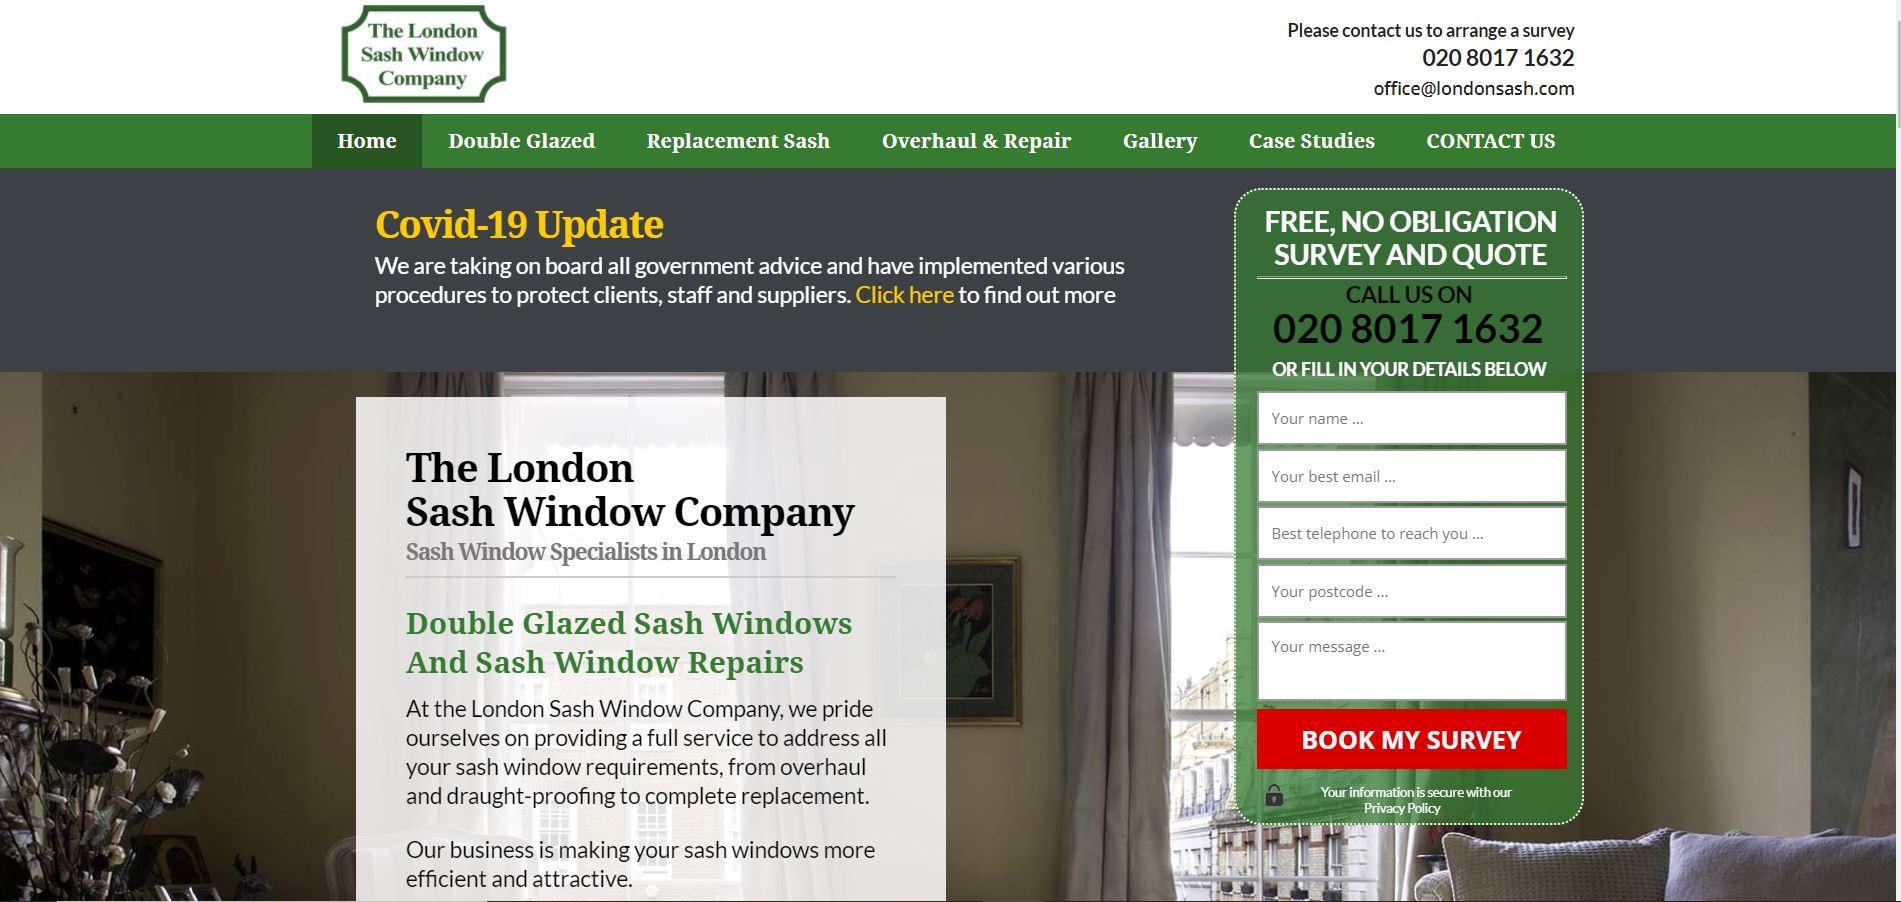 London Sash Window Company